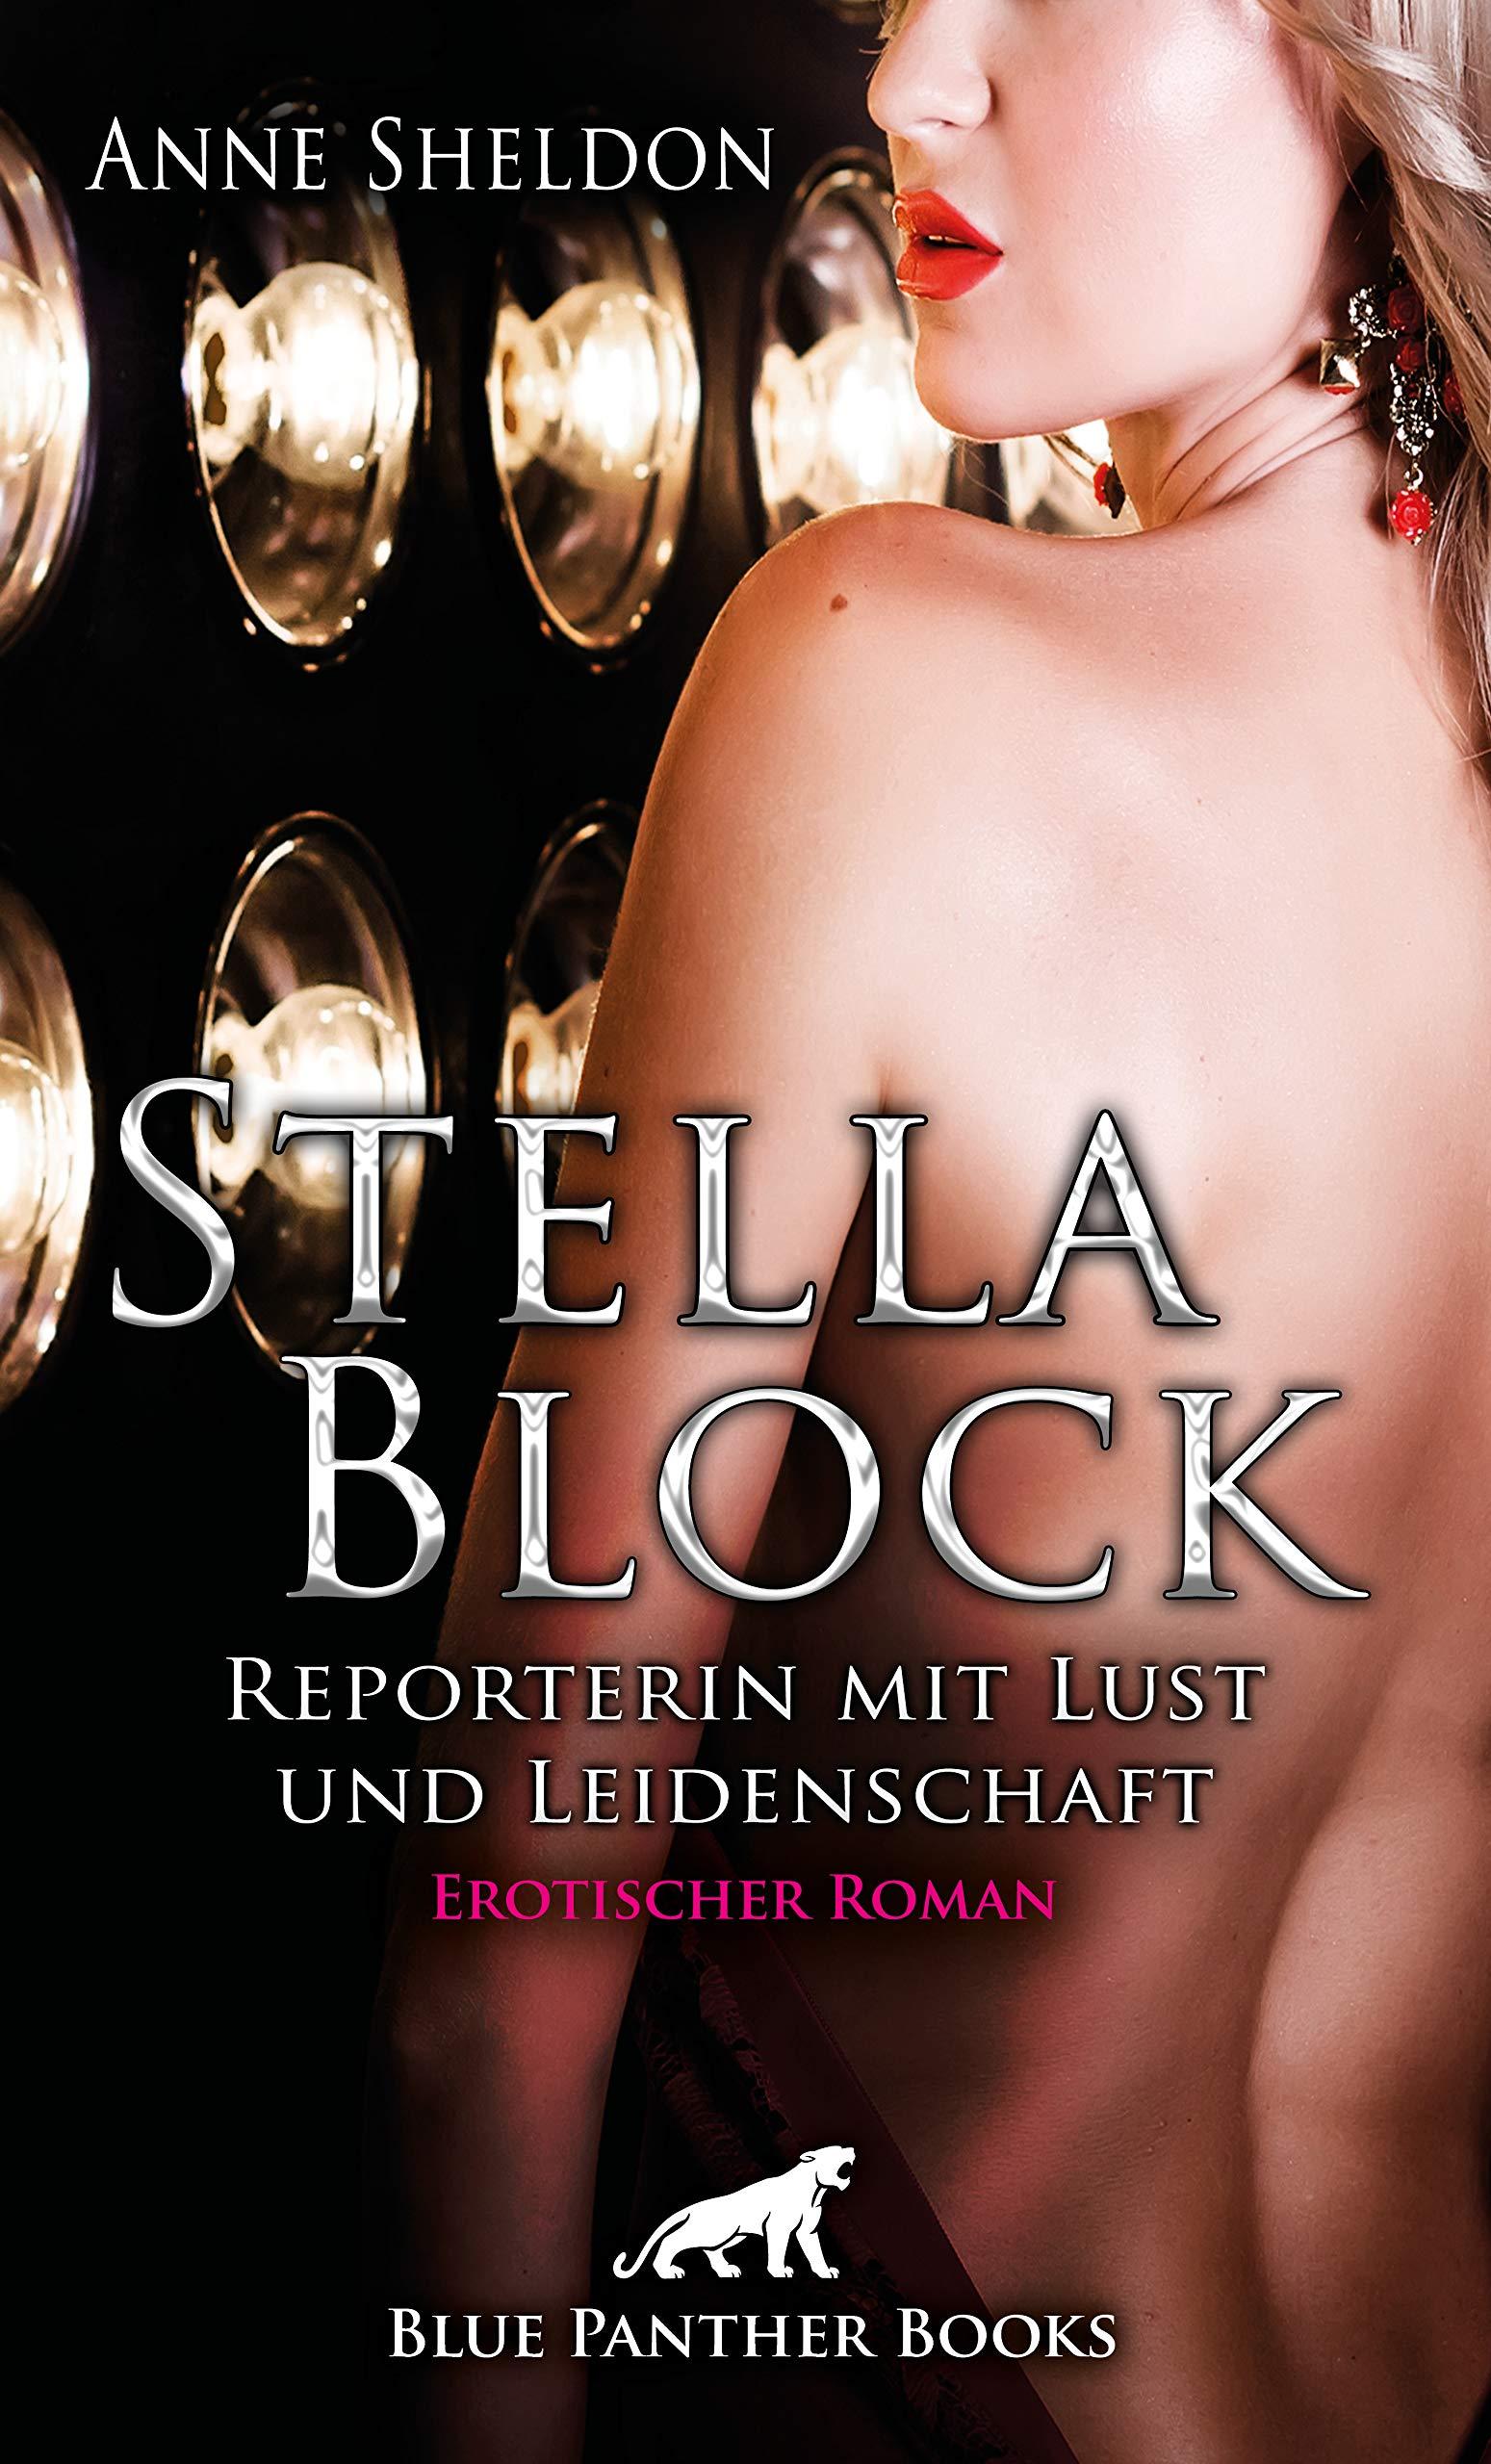 stella-block-reporterin-mit-lust-und-leidenschaft-erotischer-roman-um-an-prickelnde-storys-zu-kommen-ist-sie-zu-vielem-bereit